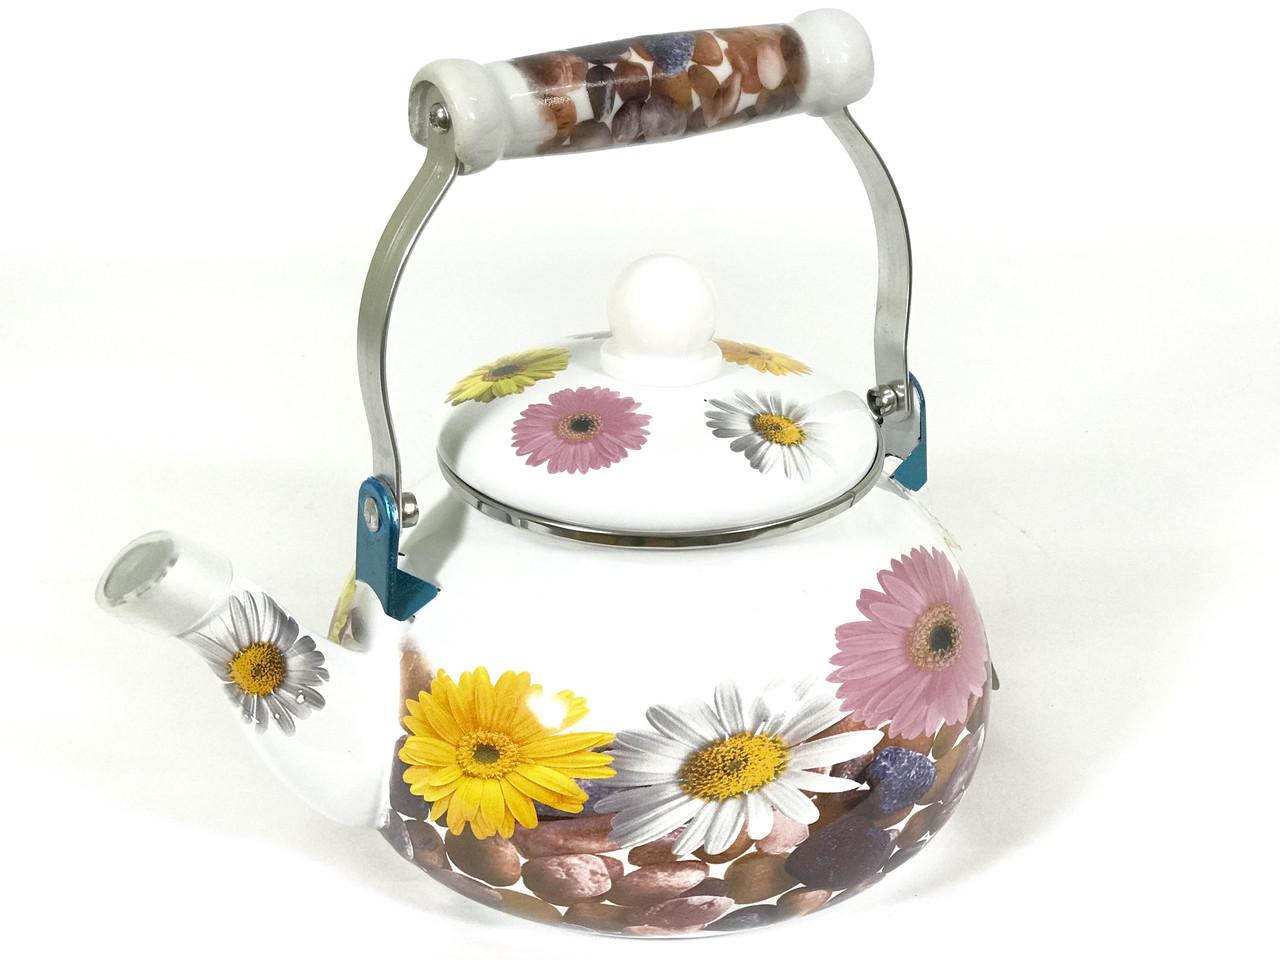 Эмалированный чайник Hoffner 4934 Field flowers 2,5 литра c керамической ручкой